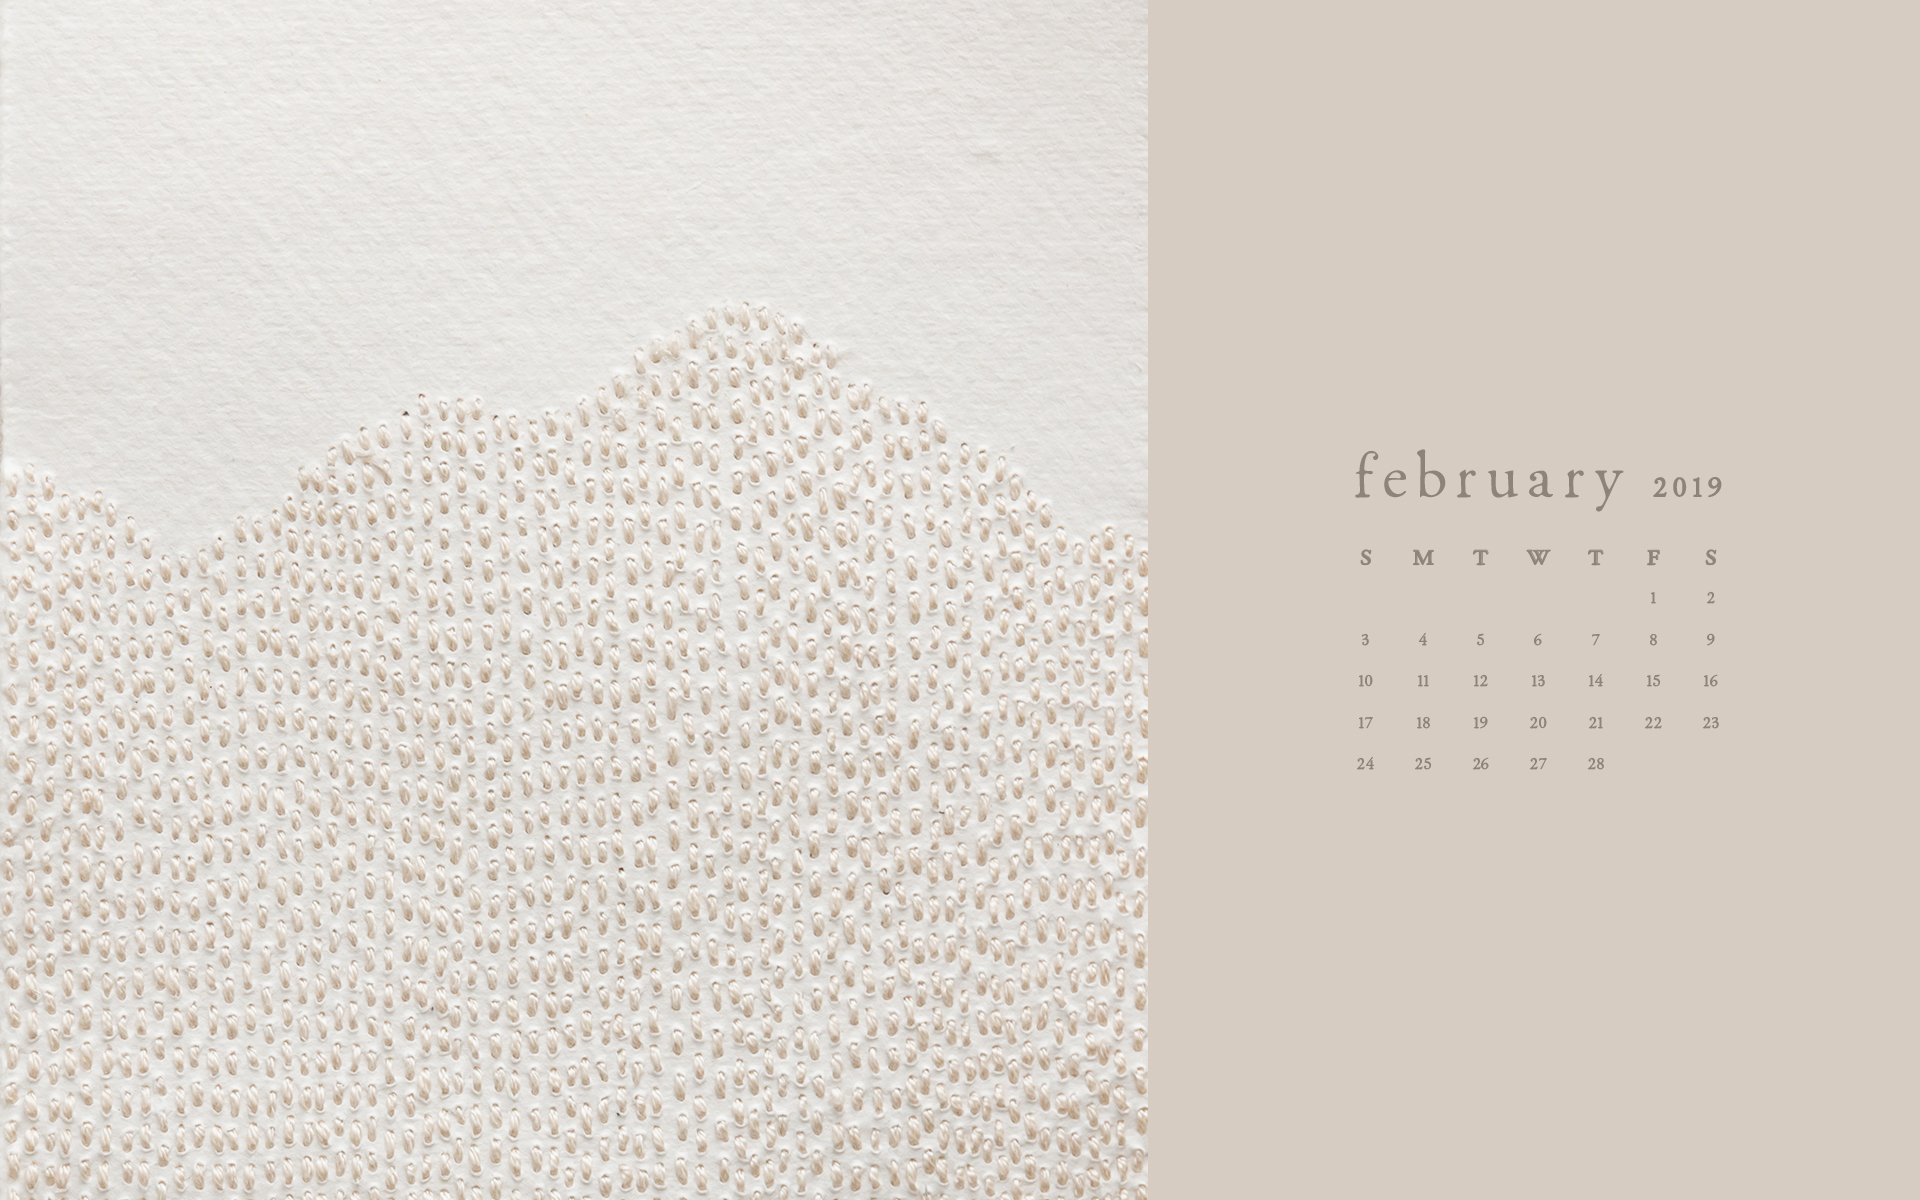 Wallpaper: February 2019 Calendar & Artwork | Desktop Computer | Britt Fabello